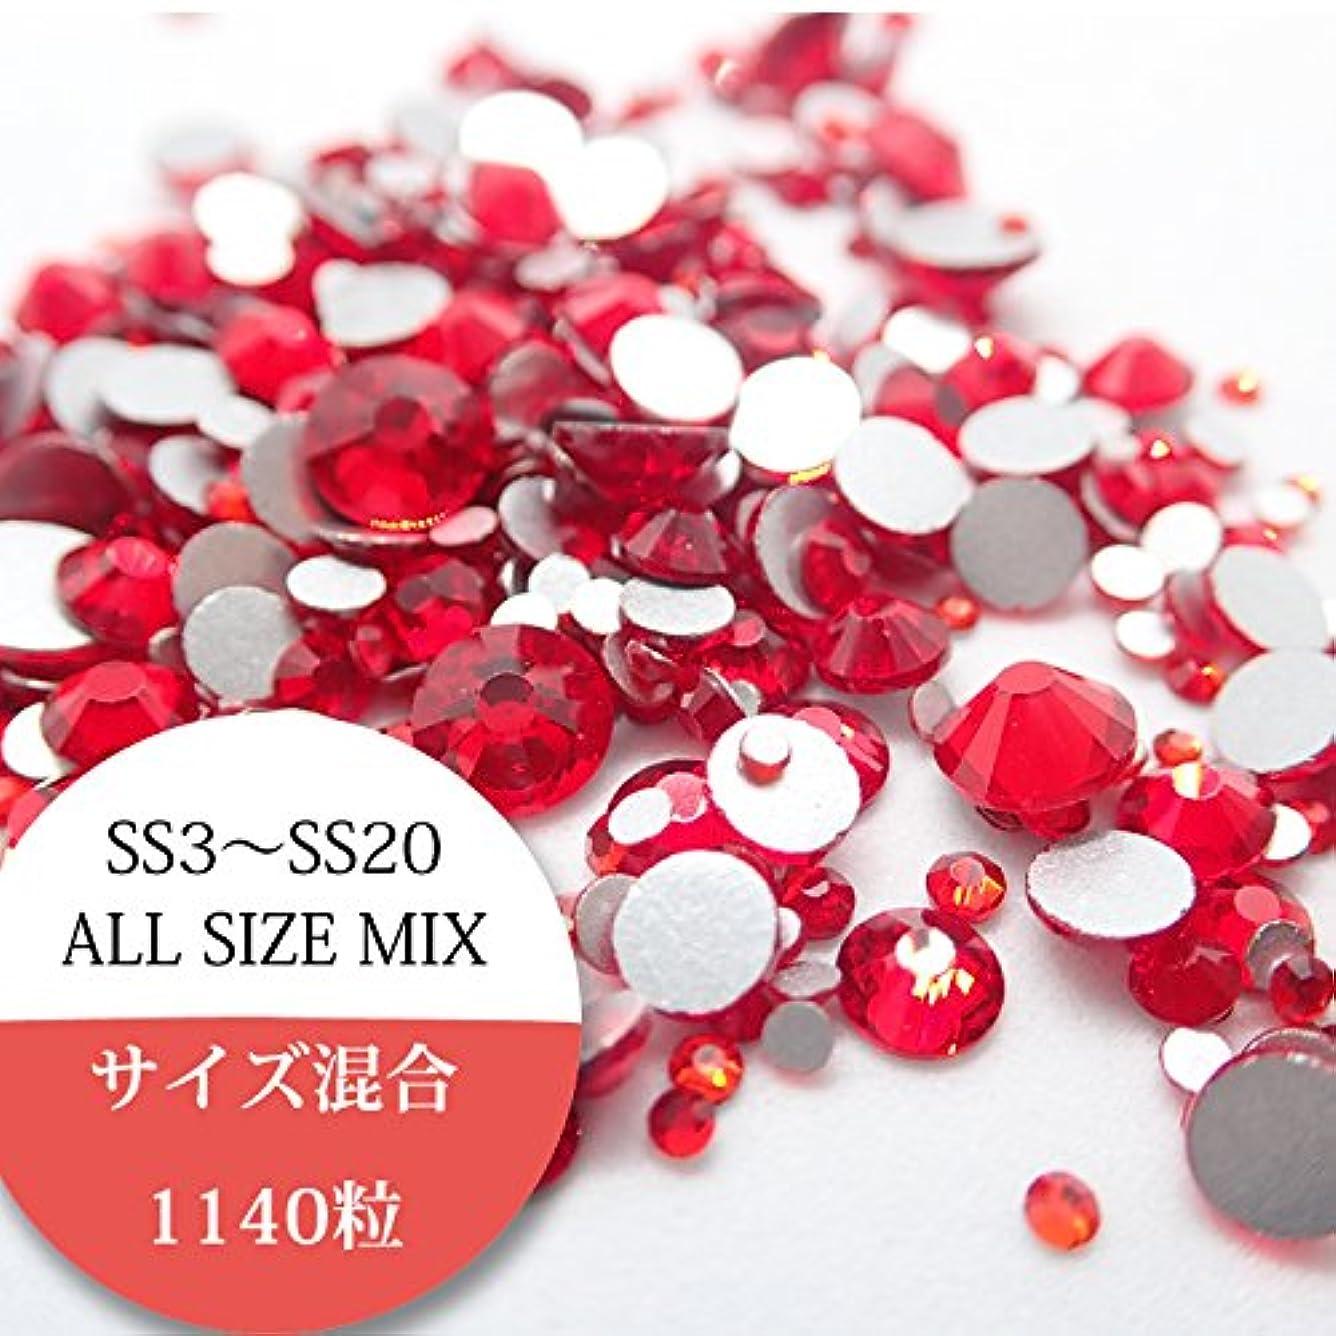 晴れスピーチ致命的スワロ代用 スワロに近い輝き ライトシャム Crystal Diamond サイズミックス 1140粒 SS3 SS5 SS6 SS10 SS12 SS8 SS16 SS20